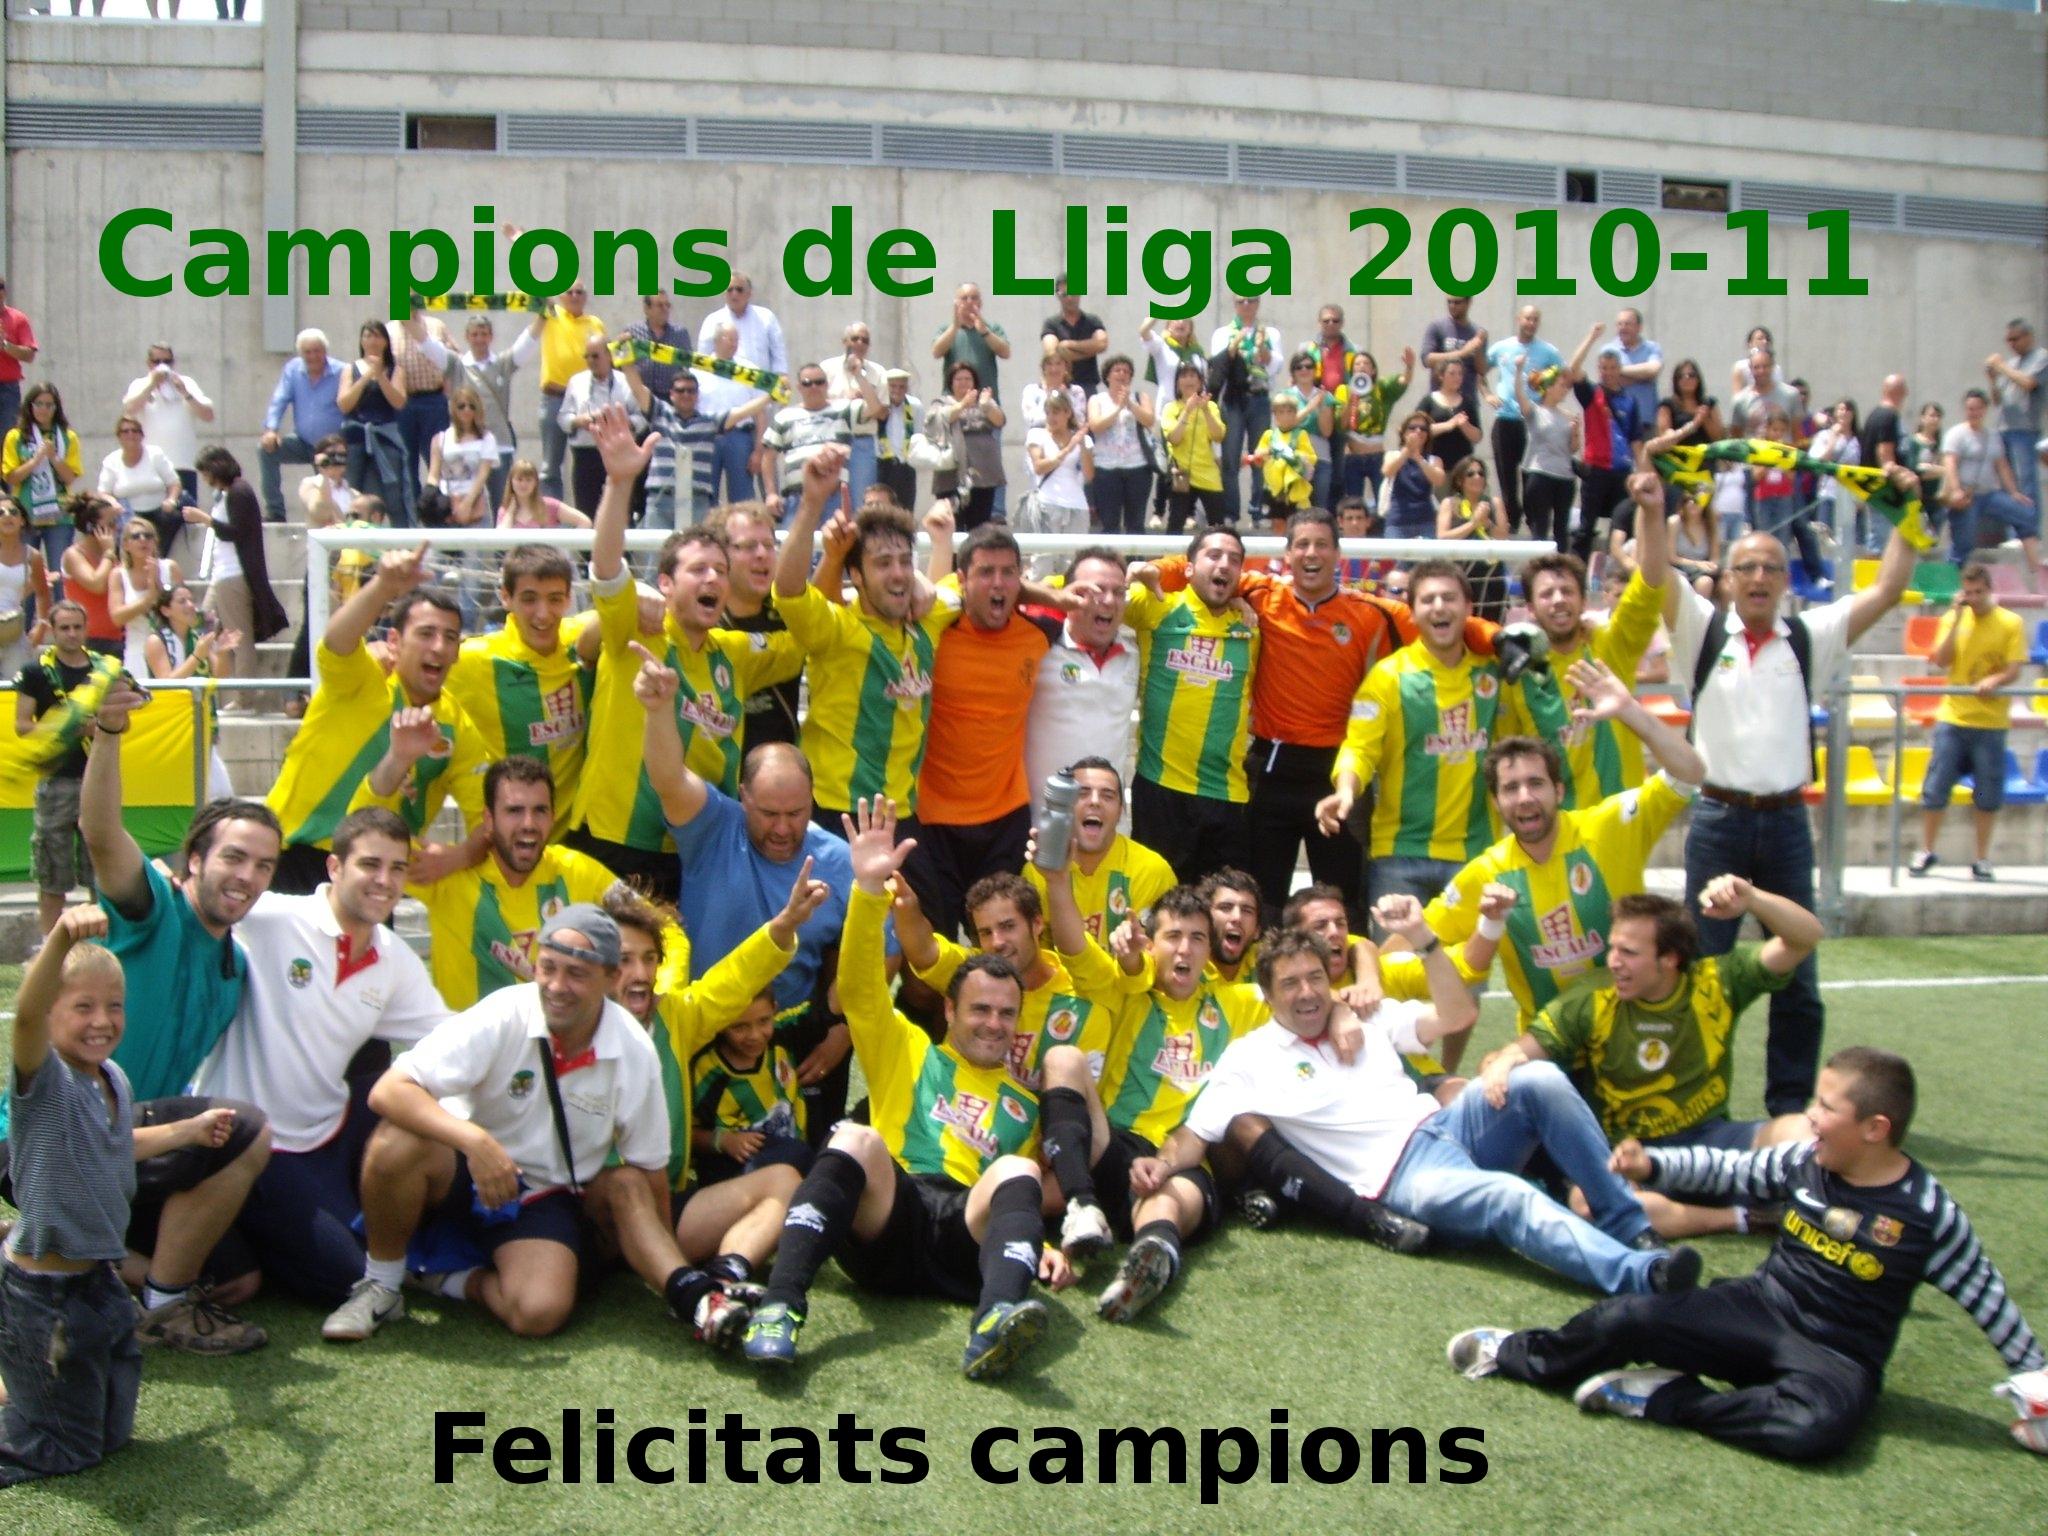 Campions de lliga 2010-2011